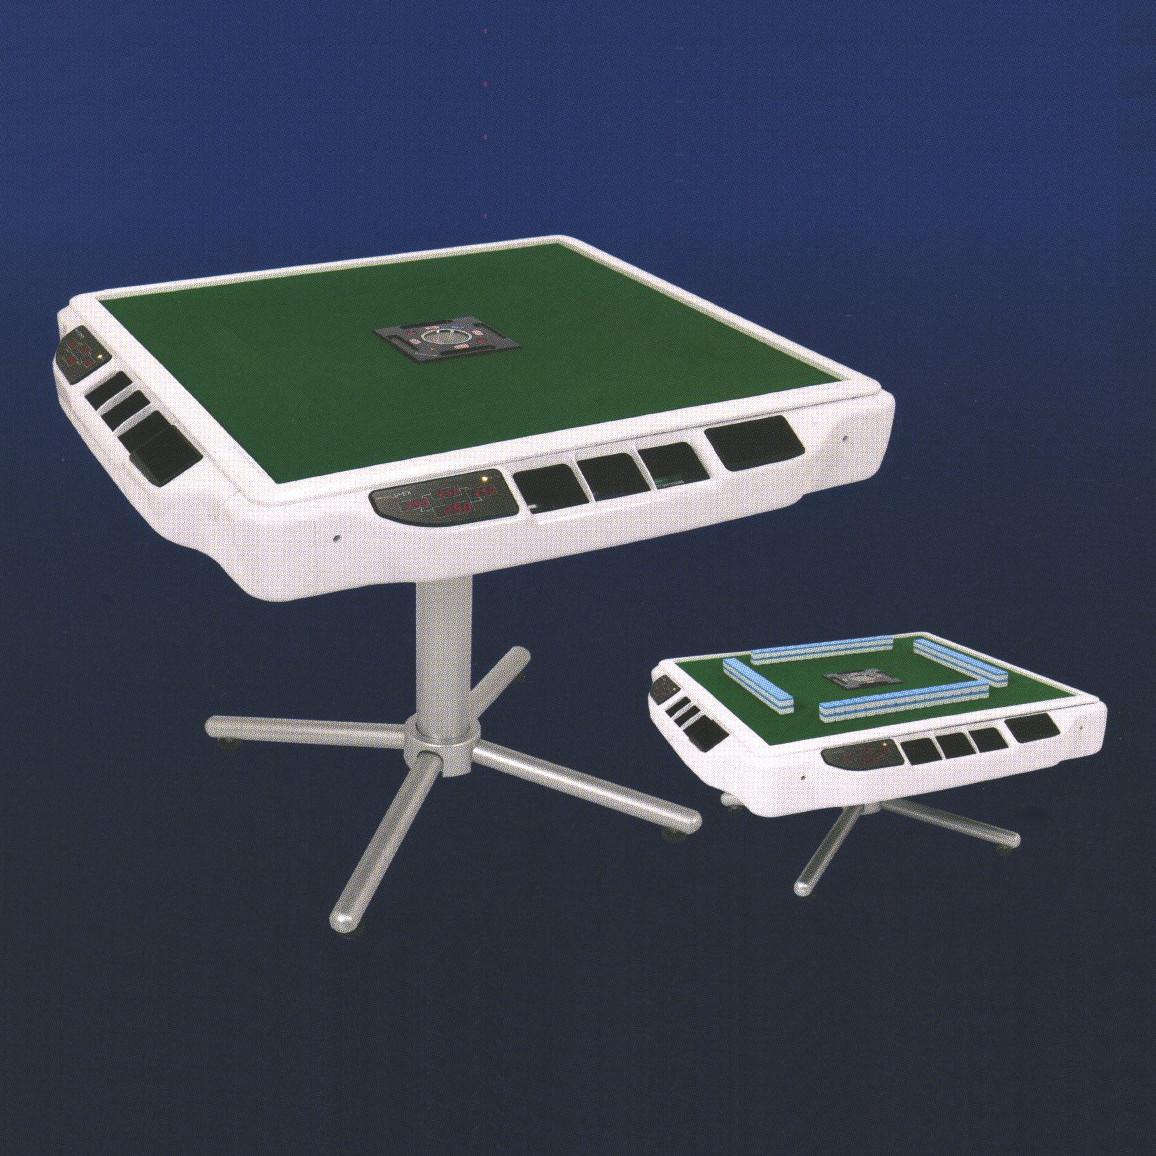 家庭用全自動麻雀卓 アモスJP-EX座卓兼用タイプ AMOS JP-EX《組立必要》《代金引換対象外》